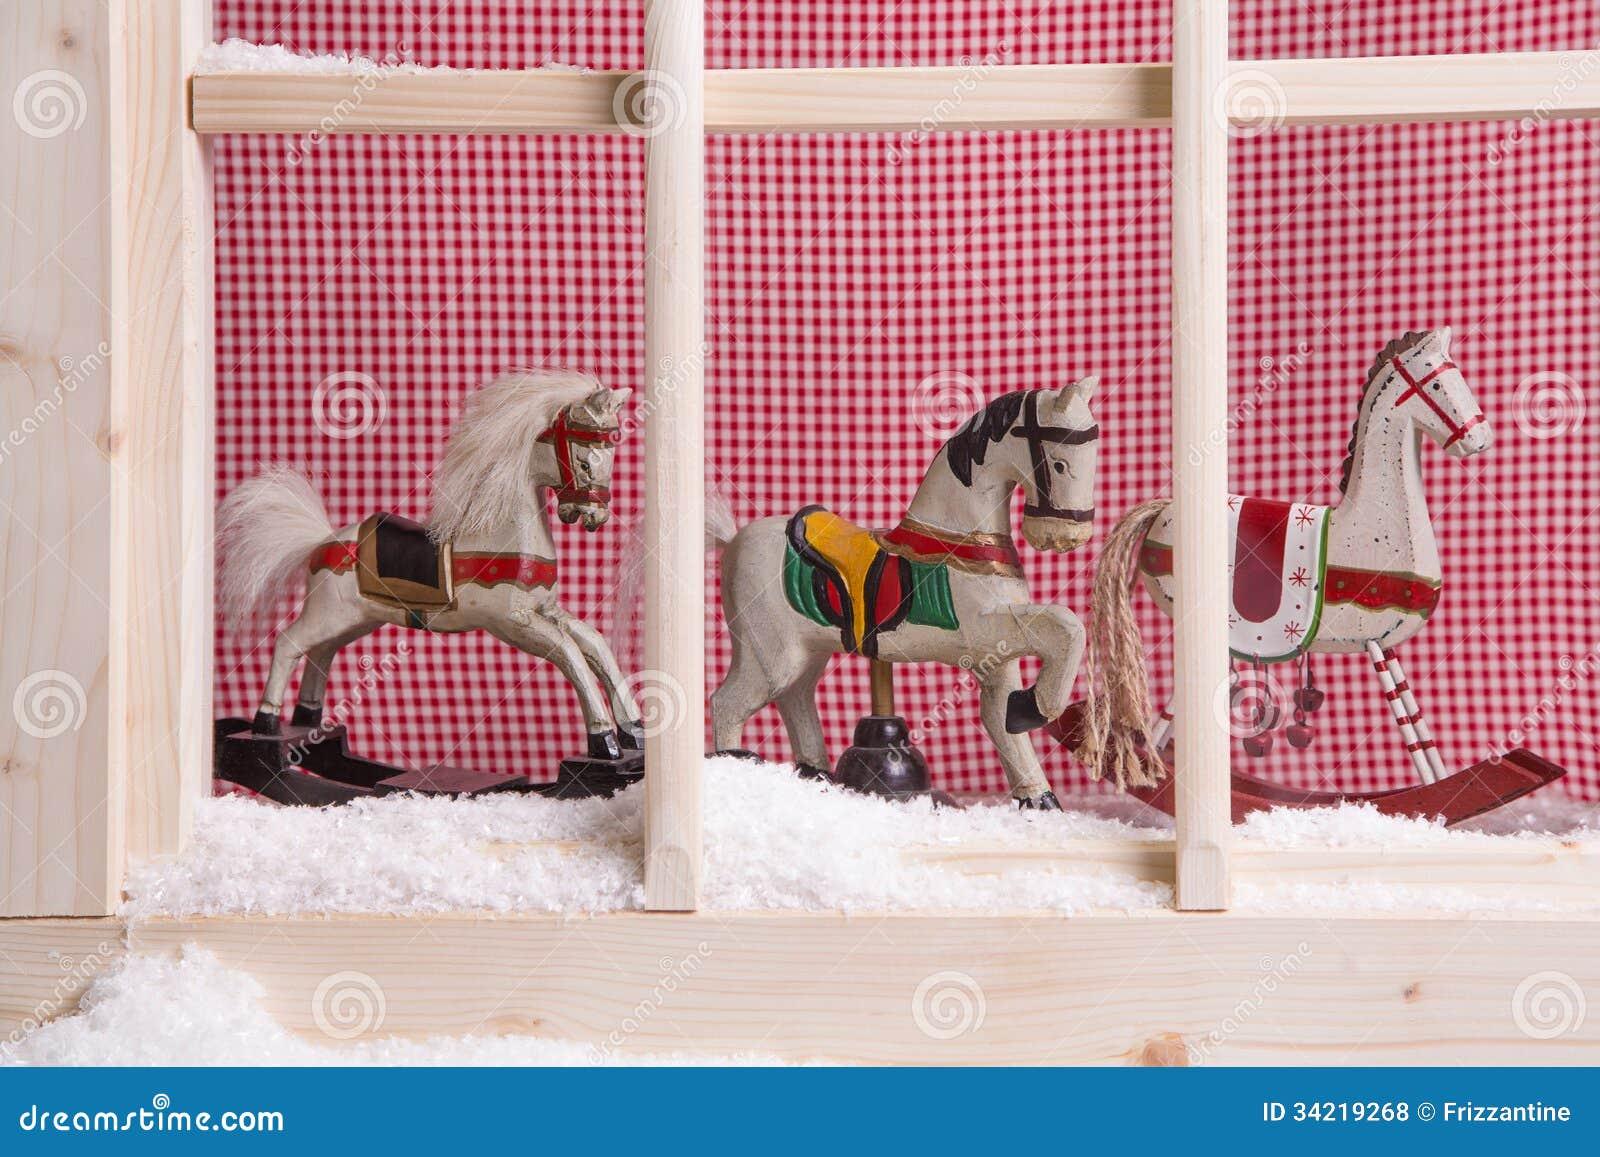 Decorazione dell 39 interno di natale del davanzale della finestra cavalli a dondoli e neve - Davanzale finestra interno ...